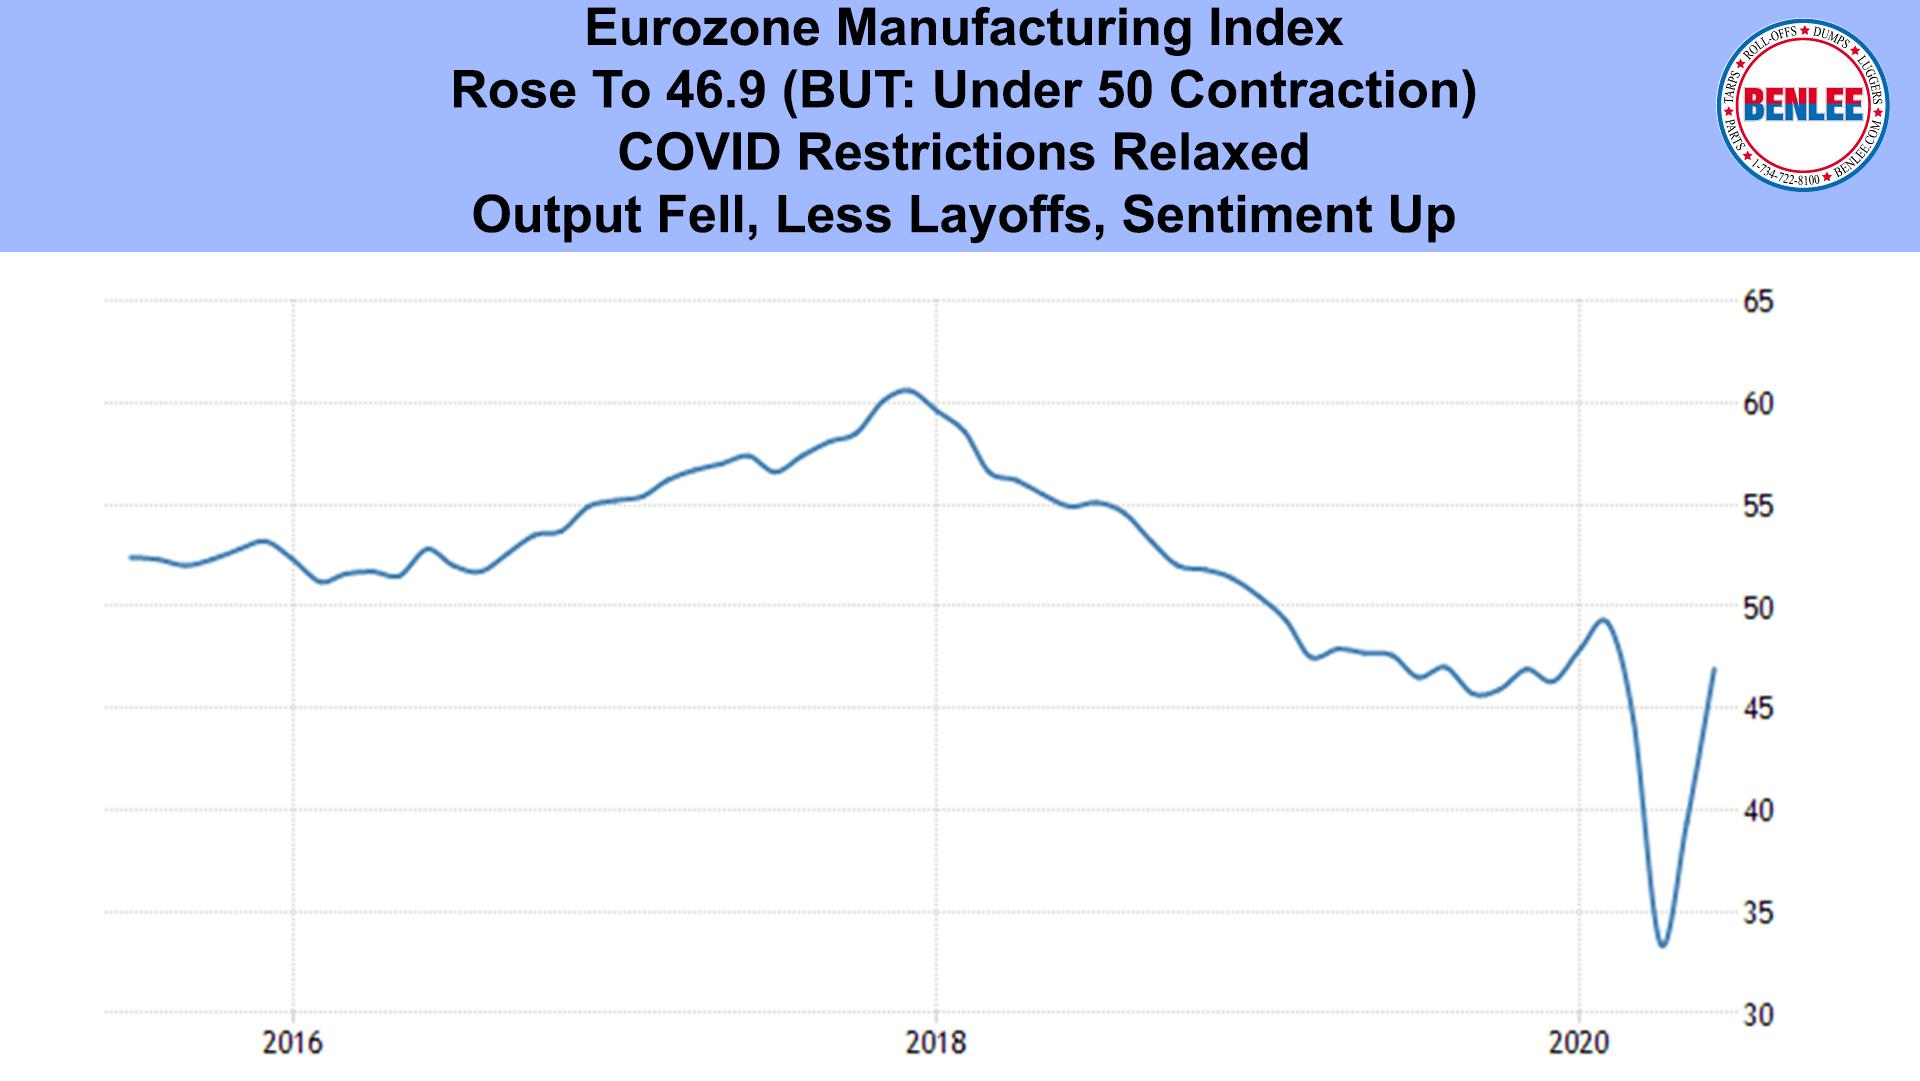 Eurozone Manufacturing Index